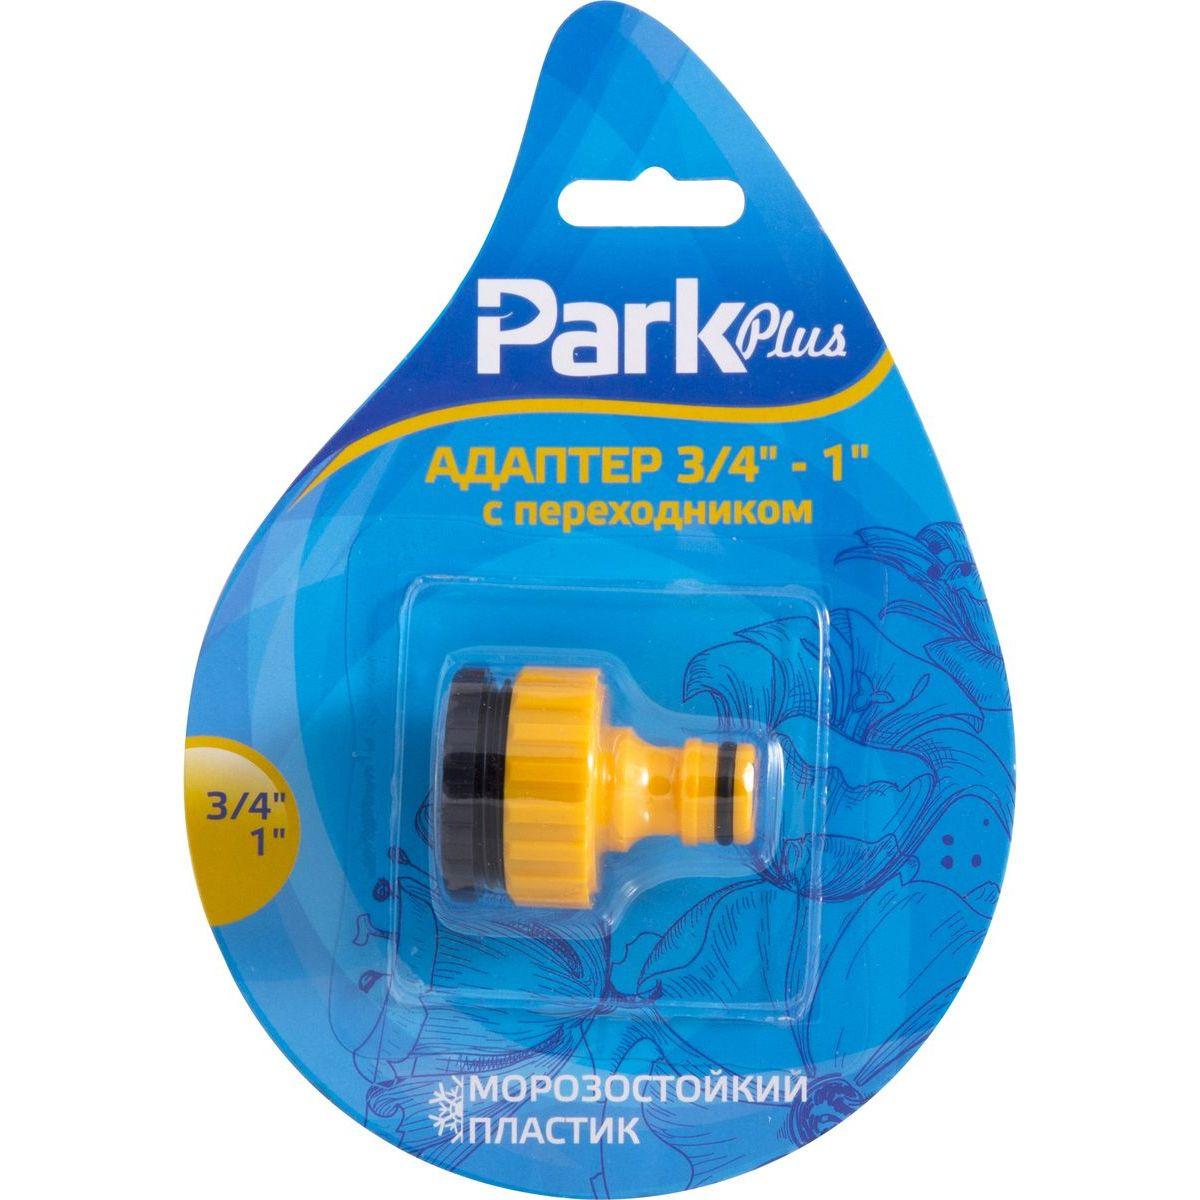 Адаптер поливного шланга Park 3/4-1, с переходником, DY8023, зеленый, черный адаптер поливного шланга росток внешний 426355